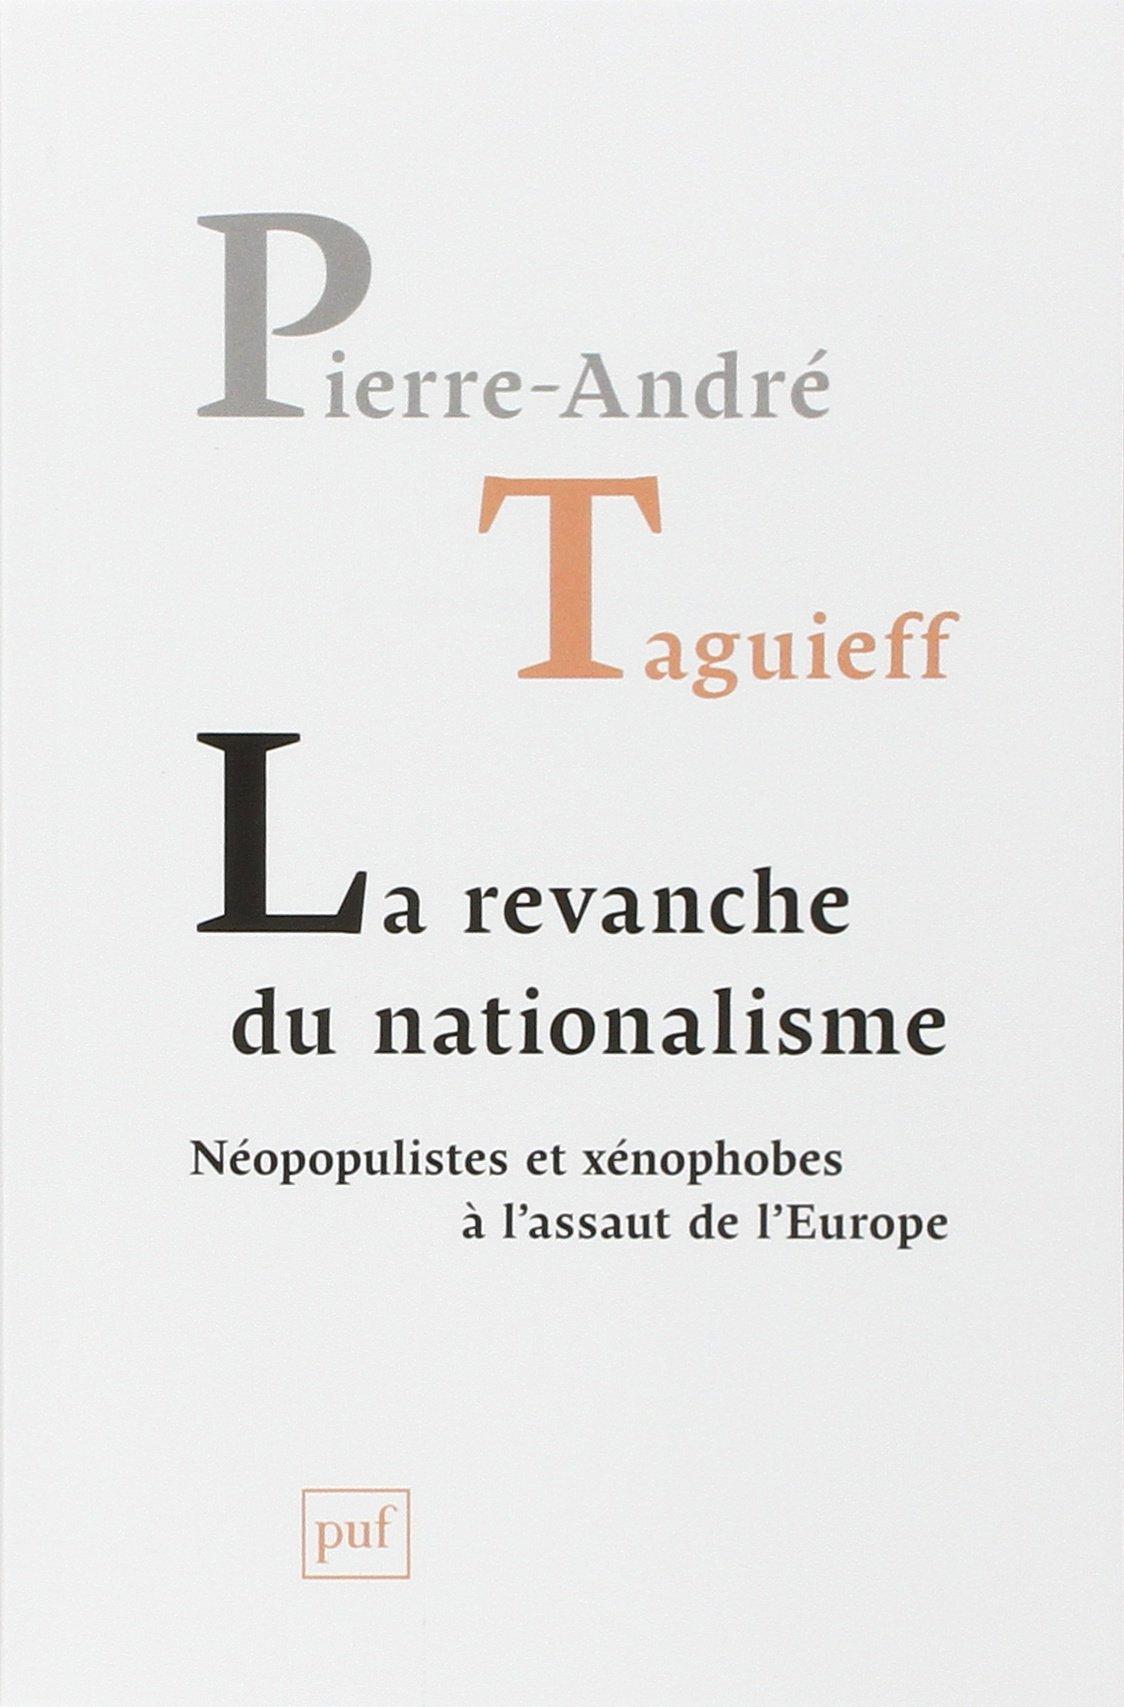 Pierre-André Taguieff: La revanche du nationalisme. Néopopulistes et xénophobes à l'assaut de l'Europe. Presses universitaires de France 2015, 224 s.